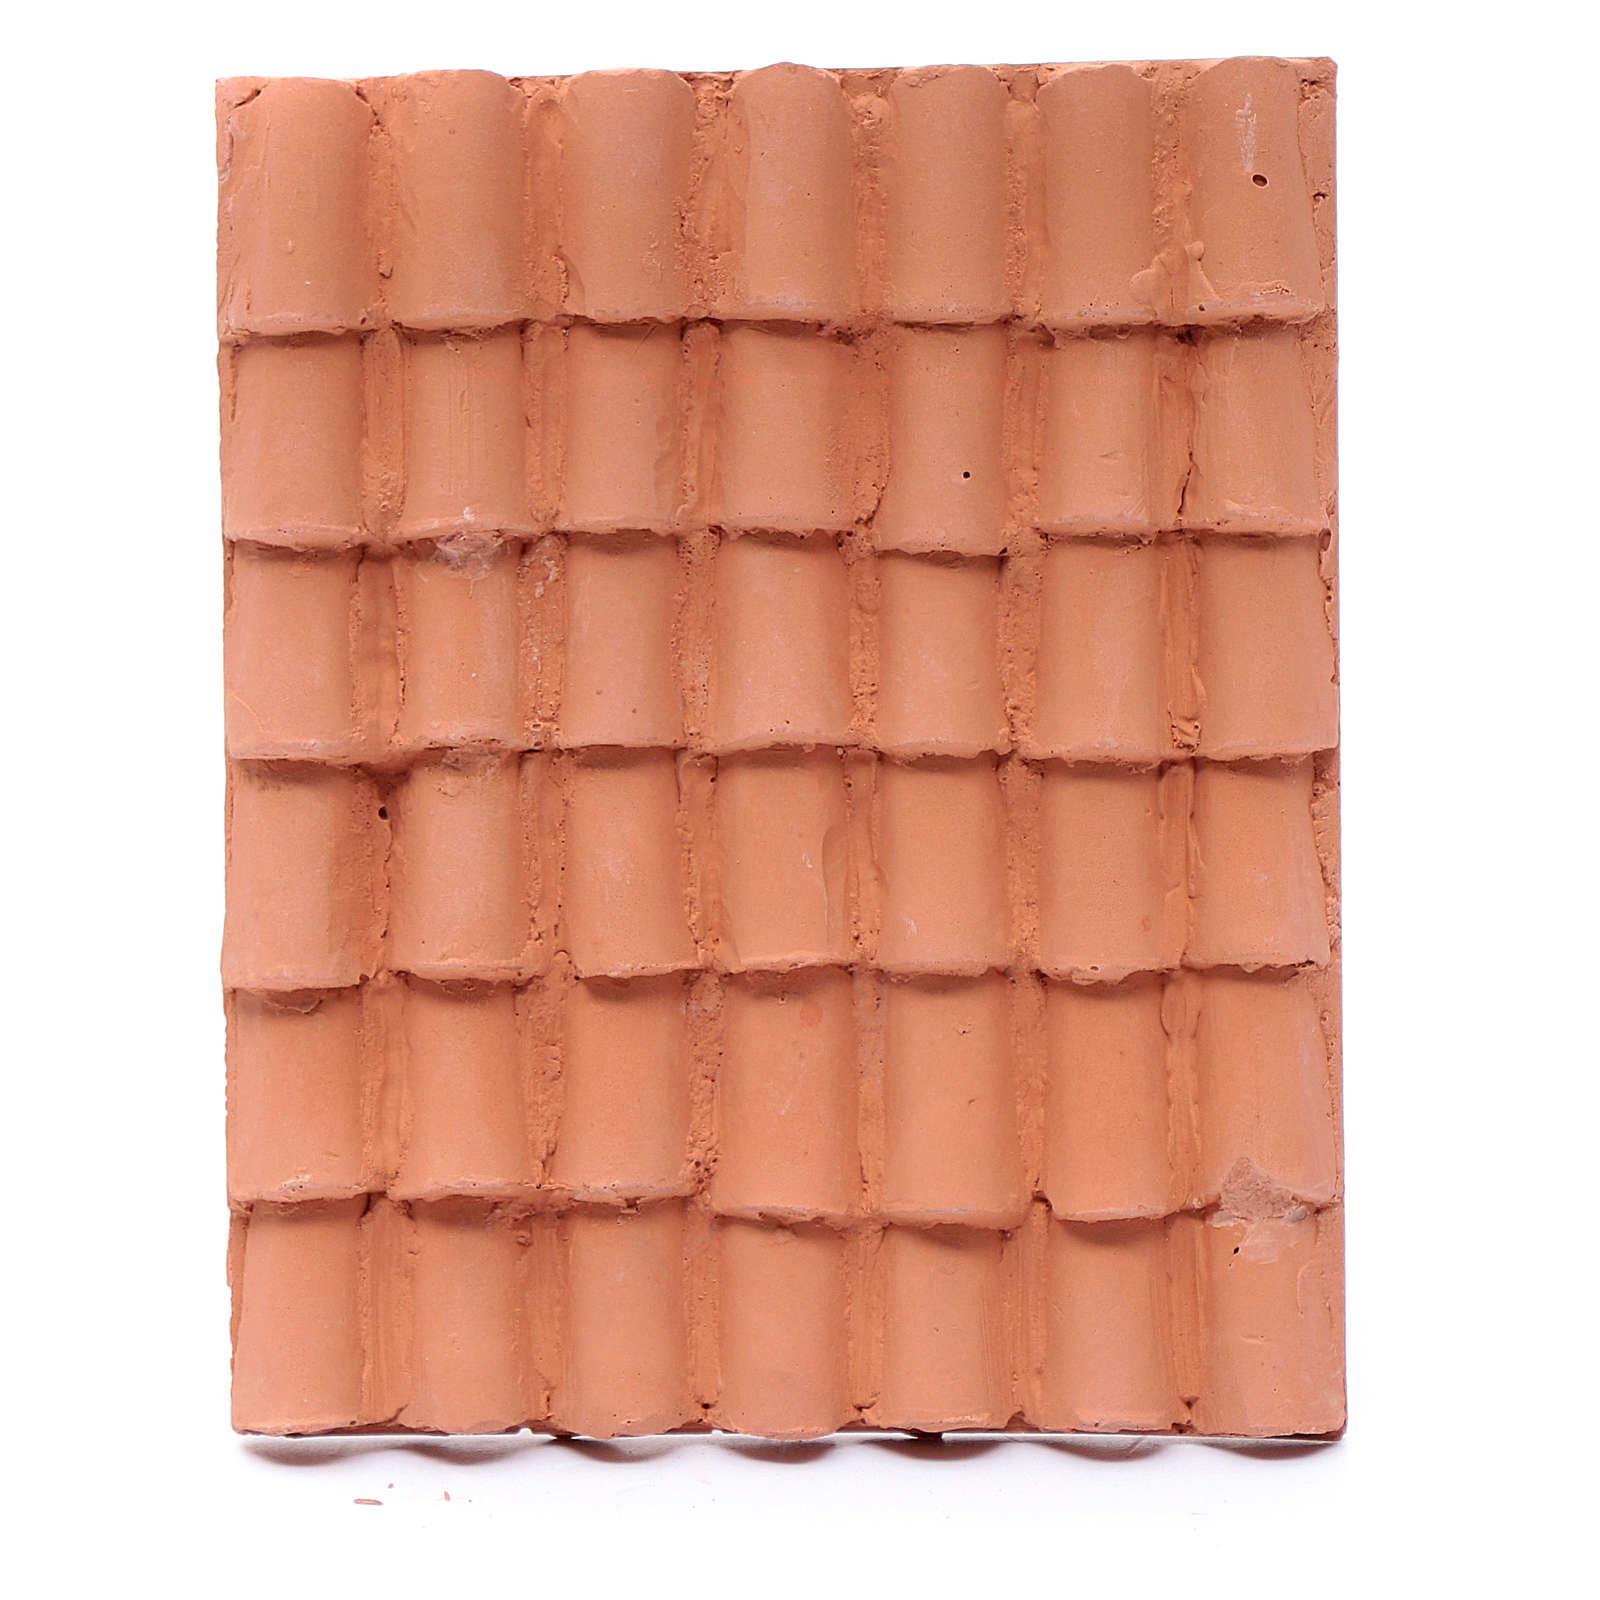 Techo con tejas resina color terracota 15x10 cm belén hecho con bricolaje 4